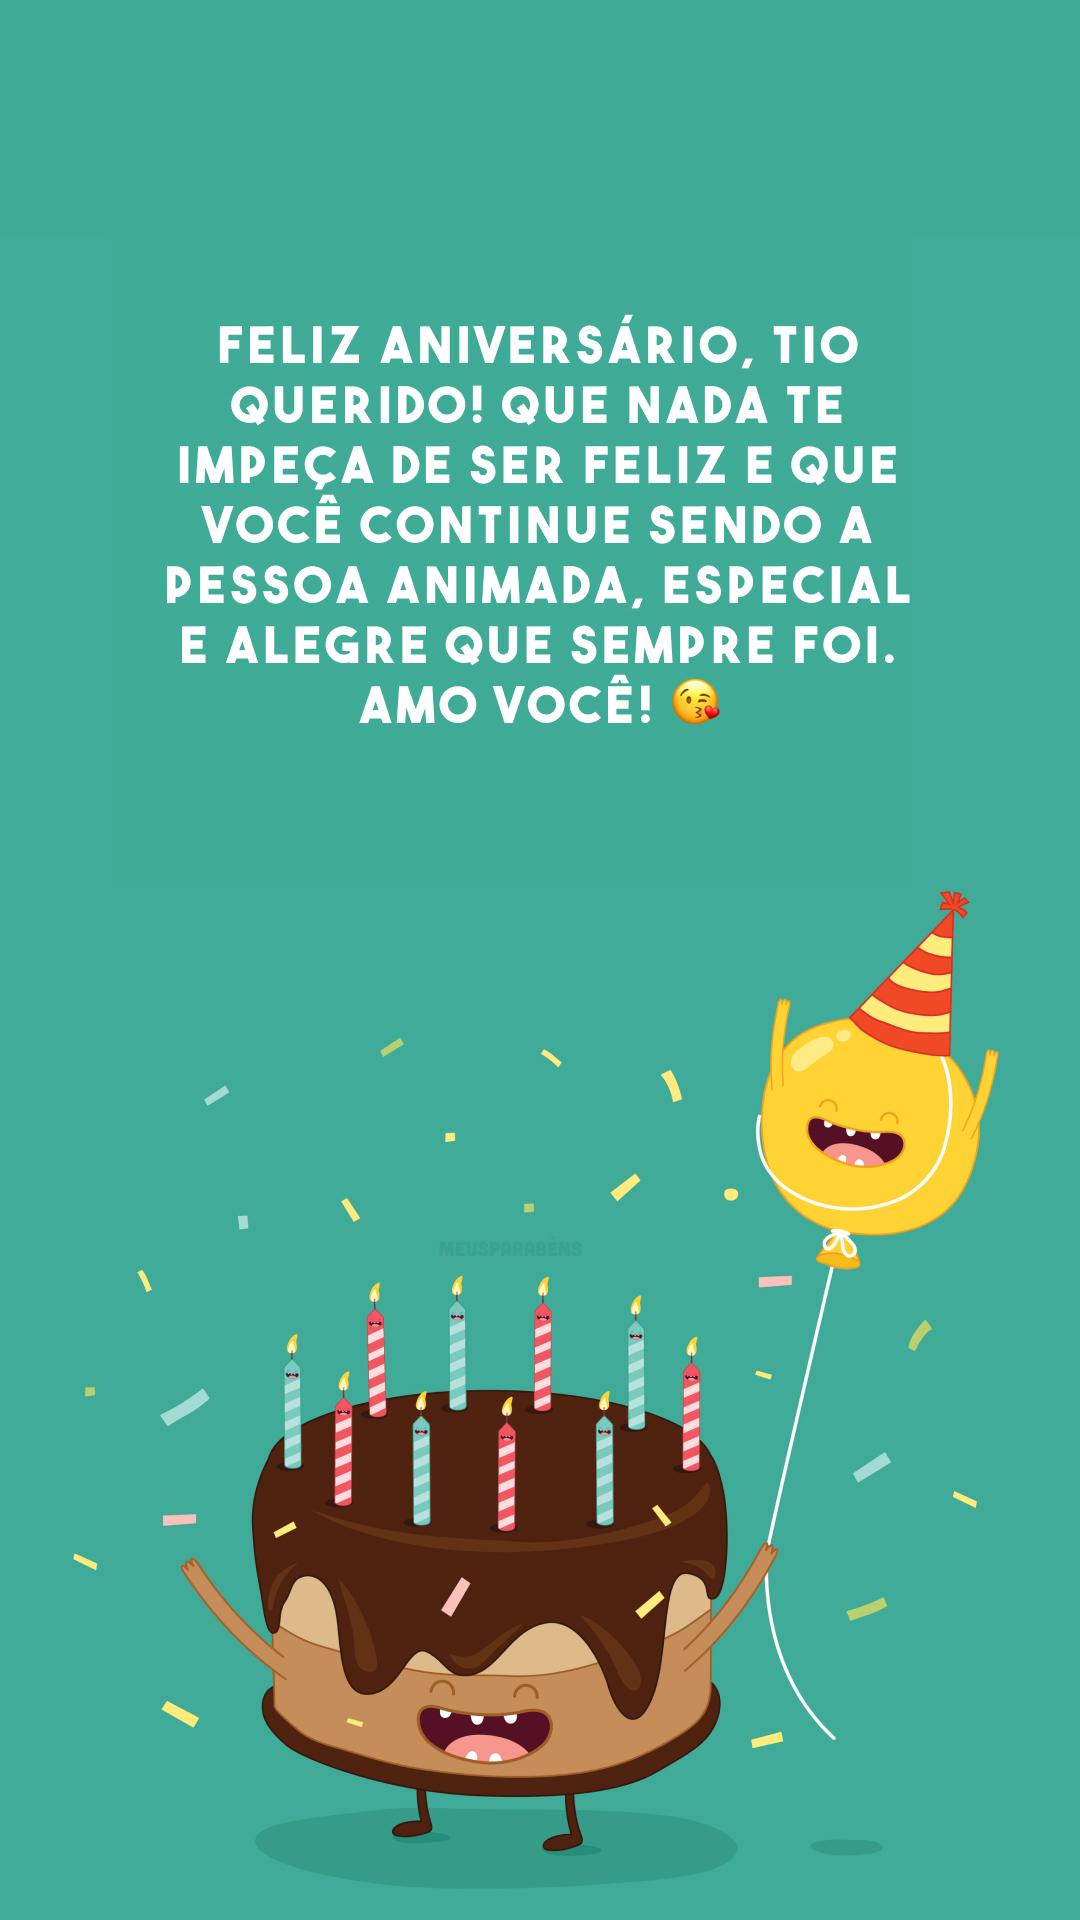 Feliz aniversário, tio querido! Que nada te impeça de ser feliz e que você continue sendo a pessoa animada, especial e alegre que sempre foi. Amo você! 😘